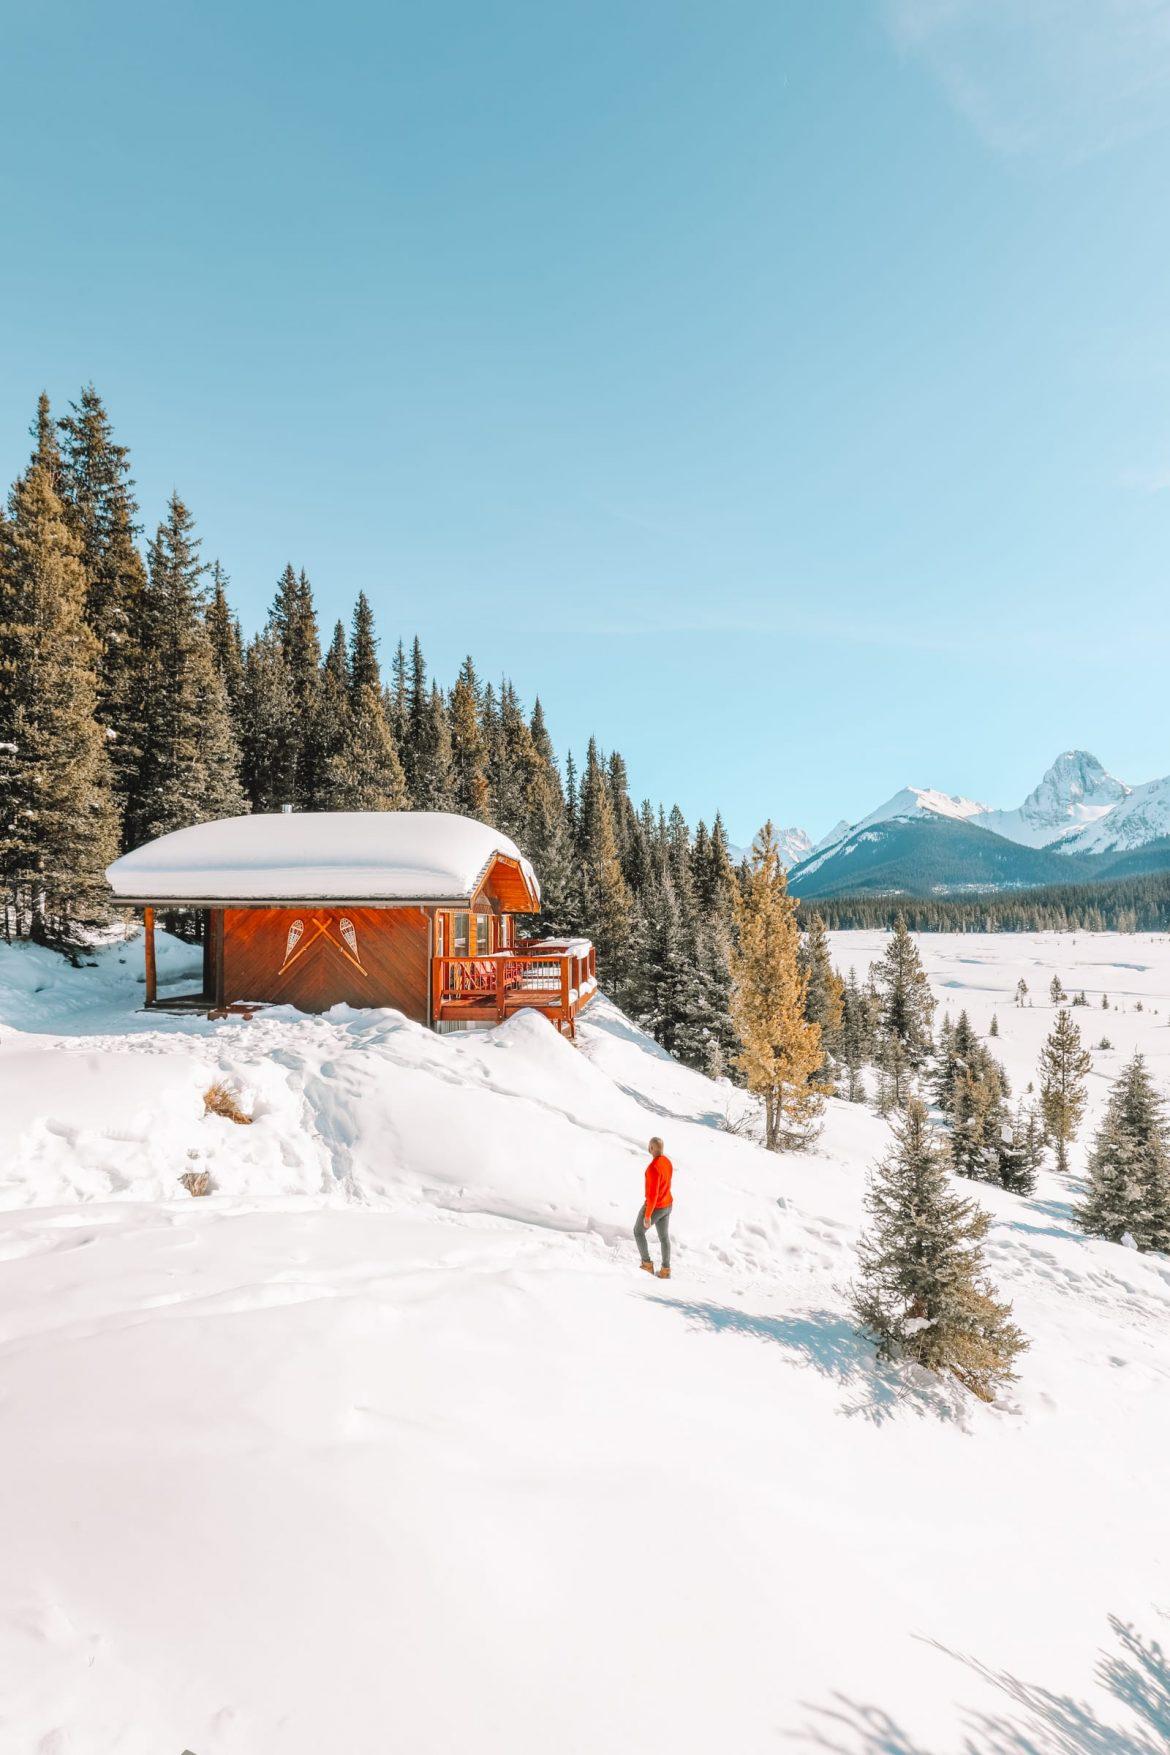 14 мест, которые стоит увидеть по дороге из Ванкувера в Калгари